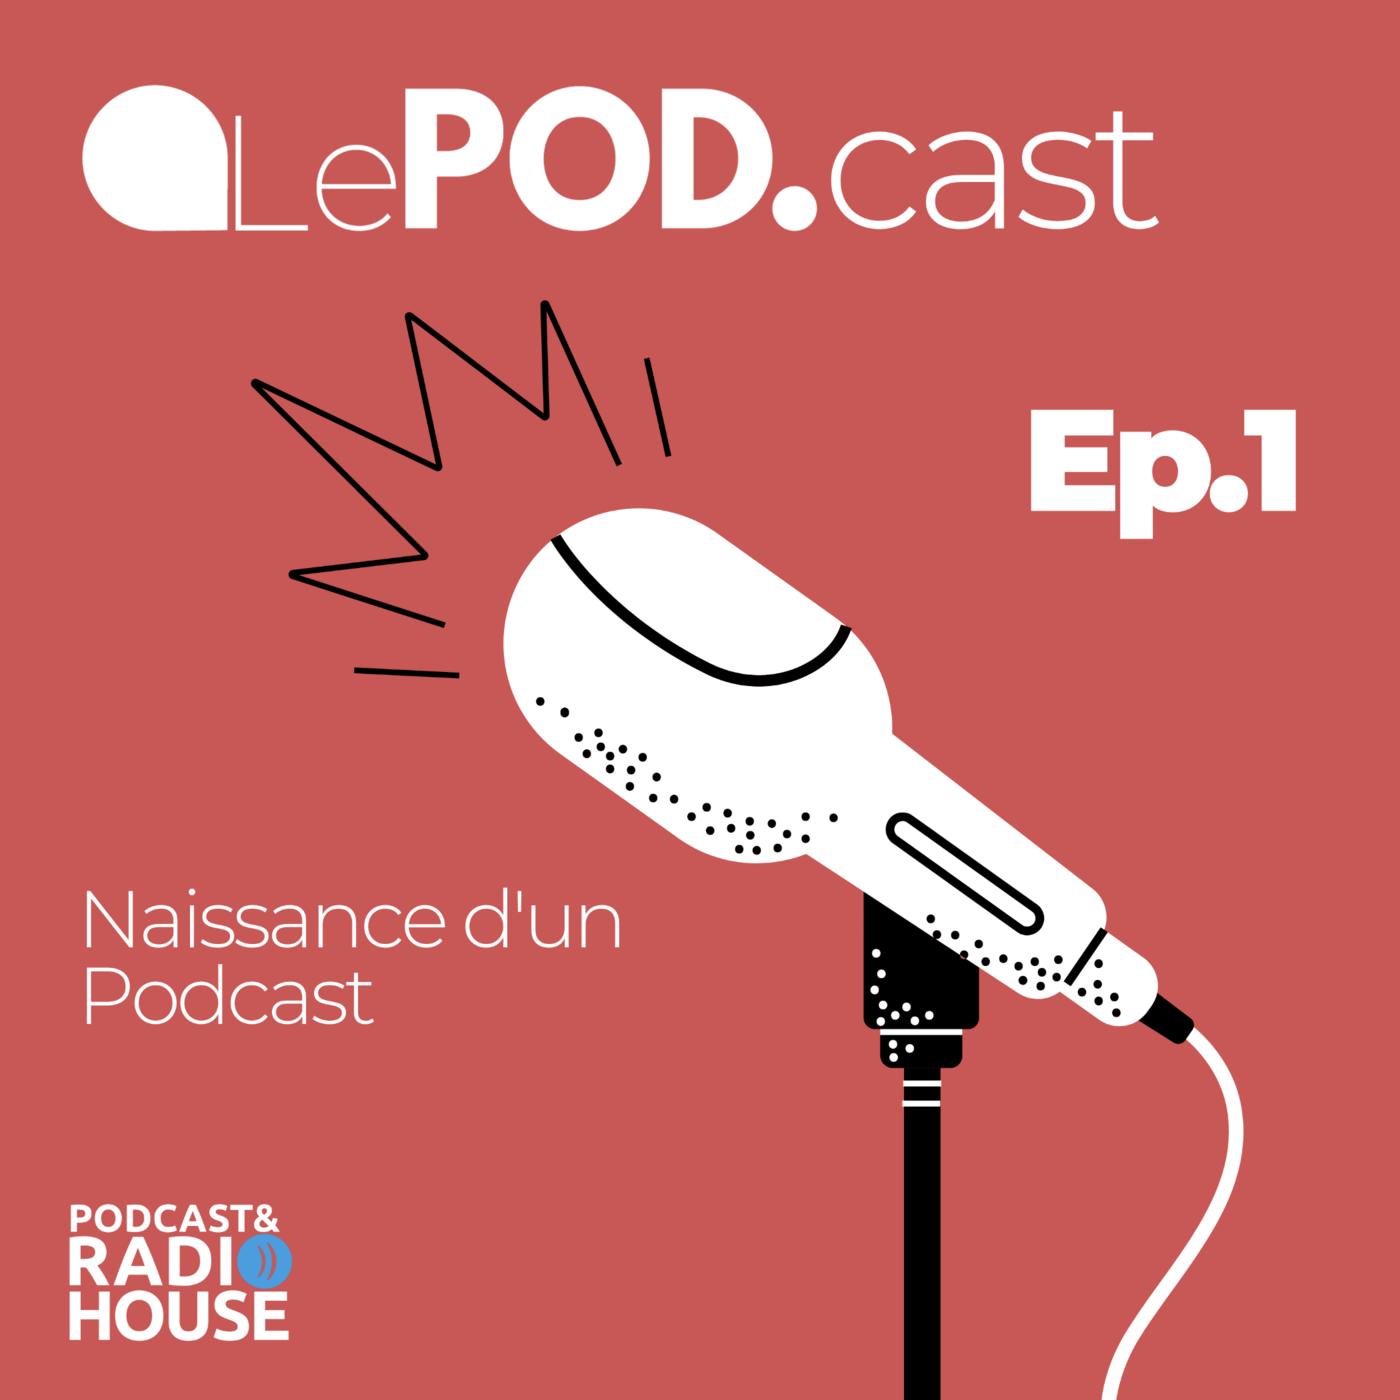 EP.1 - La naissance d'un podcast - Le POD.